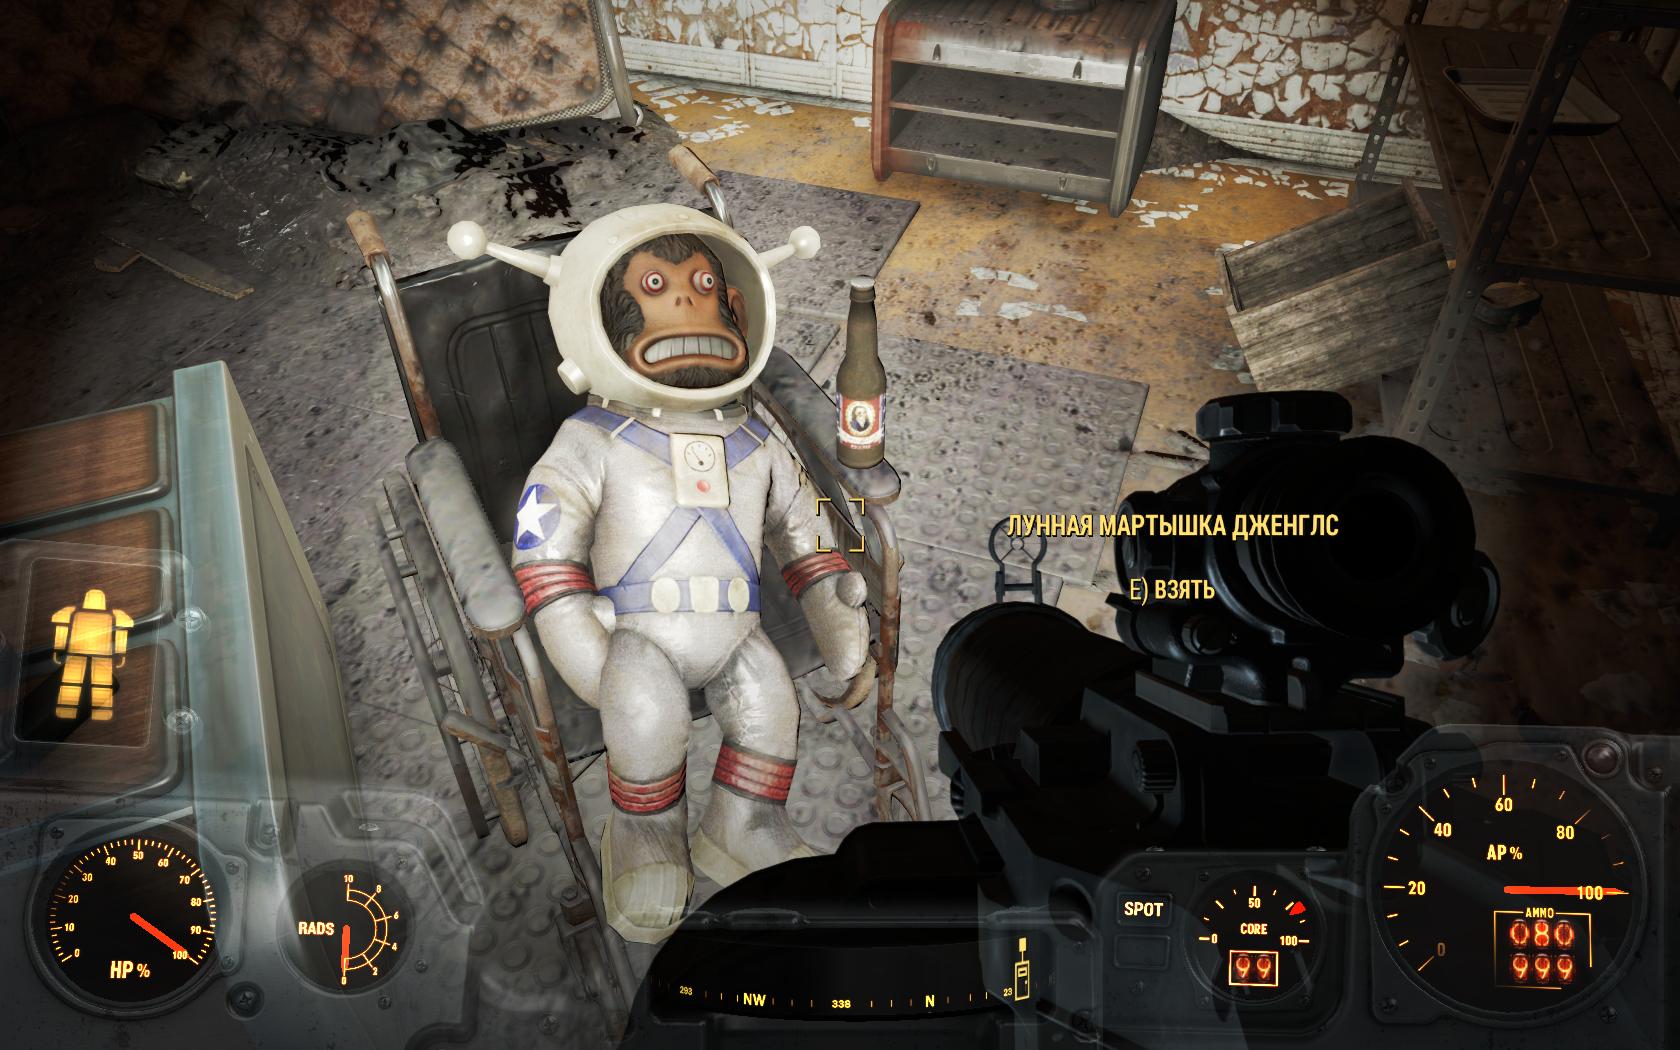 Лунная мартышка Дженглс - Вот, не пойму - хорошо ей или плохо? (Убежище 95) - Fallout 4 Лунная, мартышка, Убежище, Убежище 95